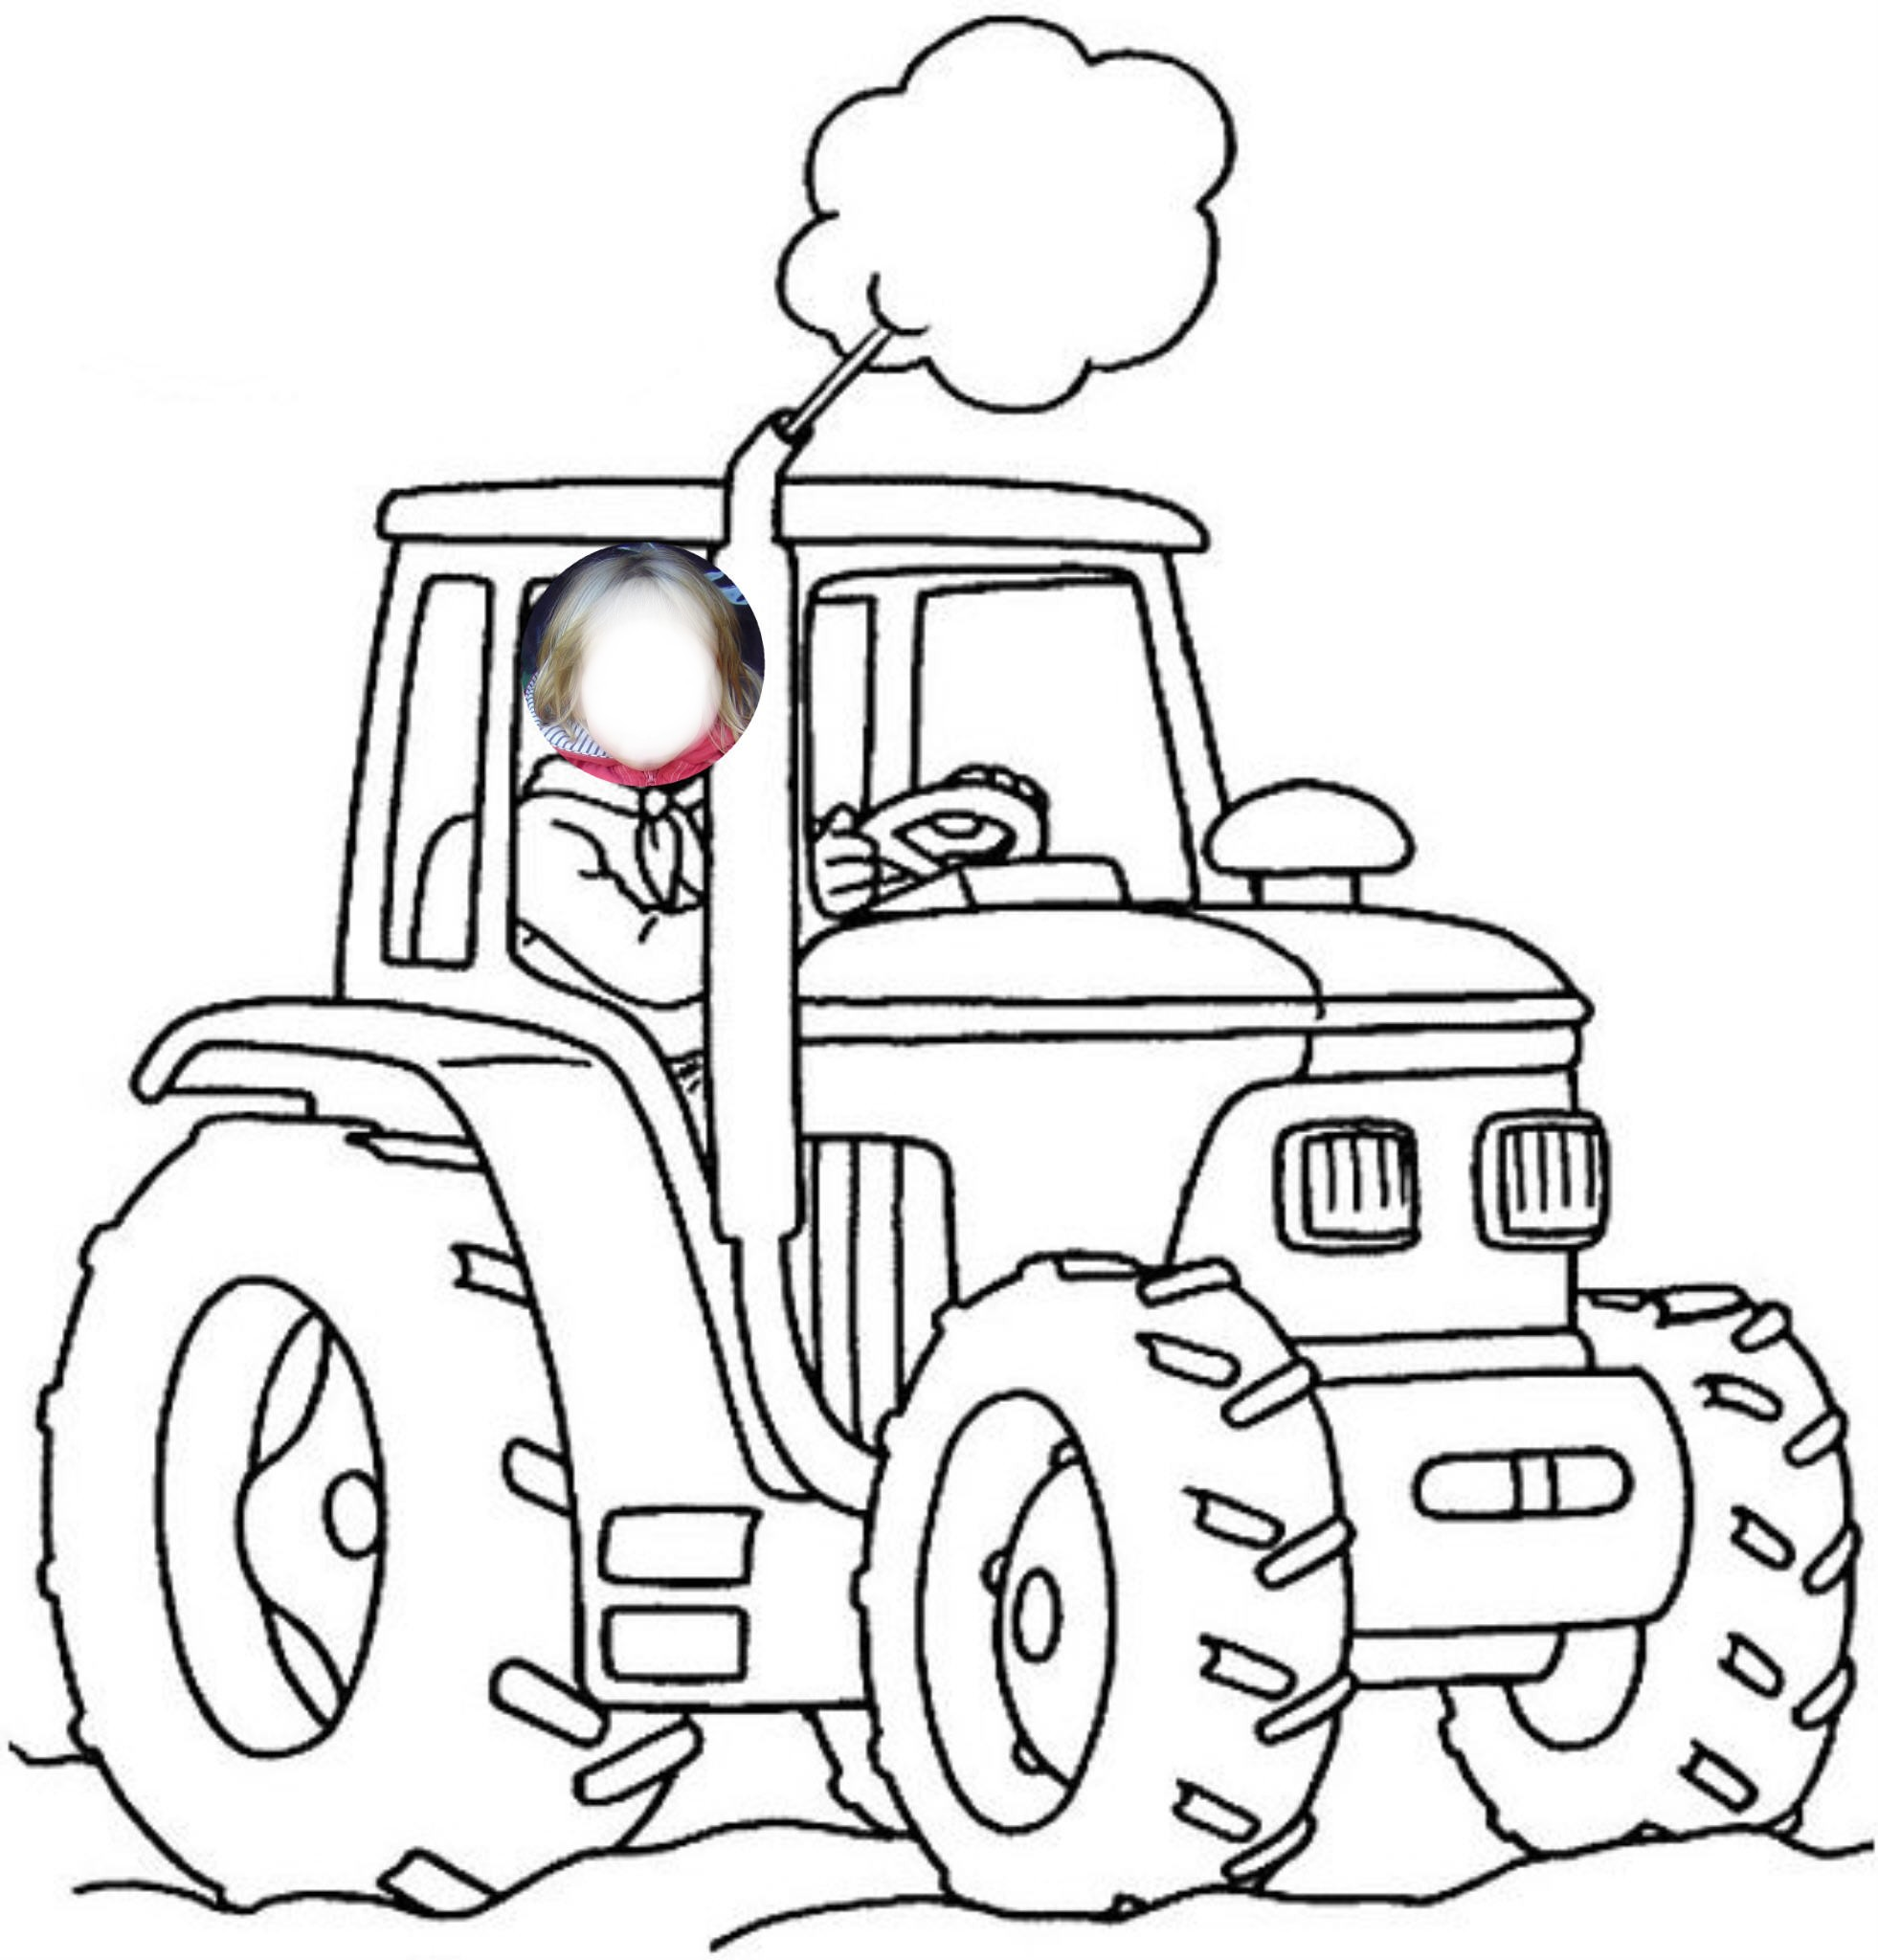 Coloriages imprimer tracteur num ro 359276 - Jeu de tracteur agricole gratuit ...